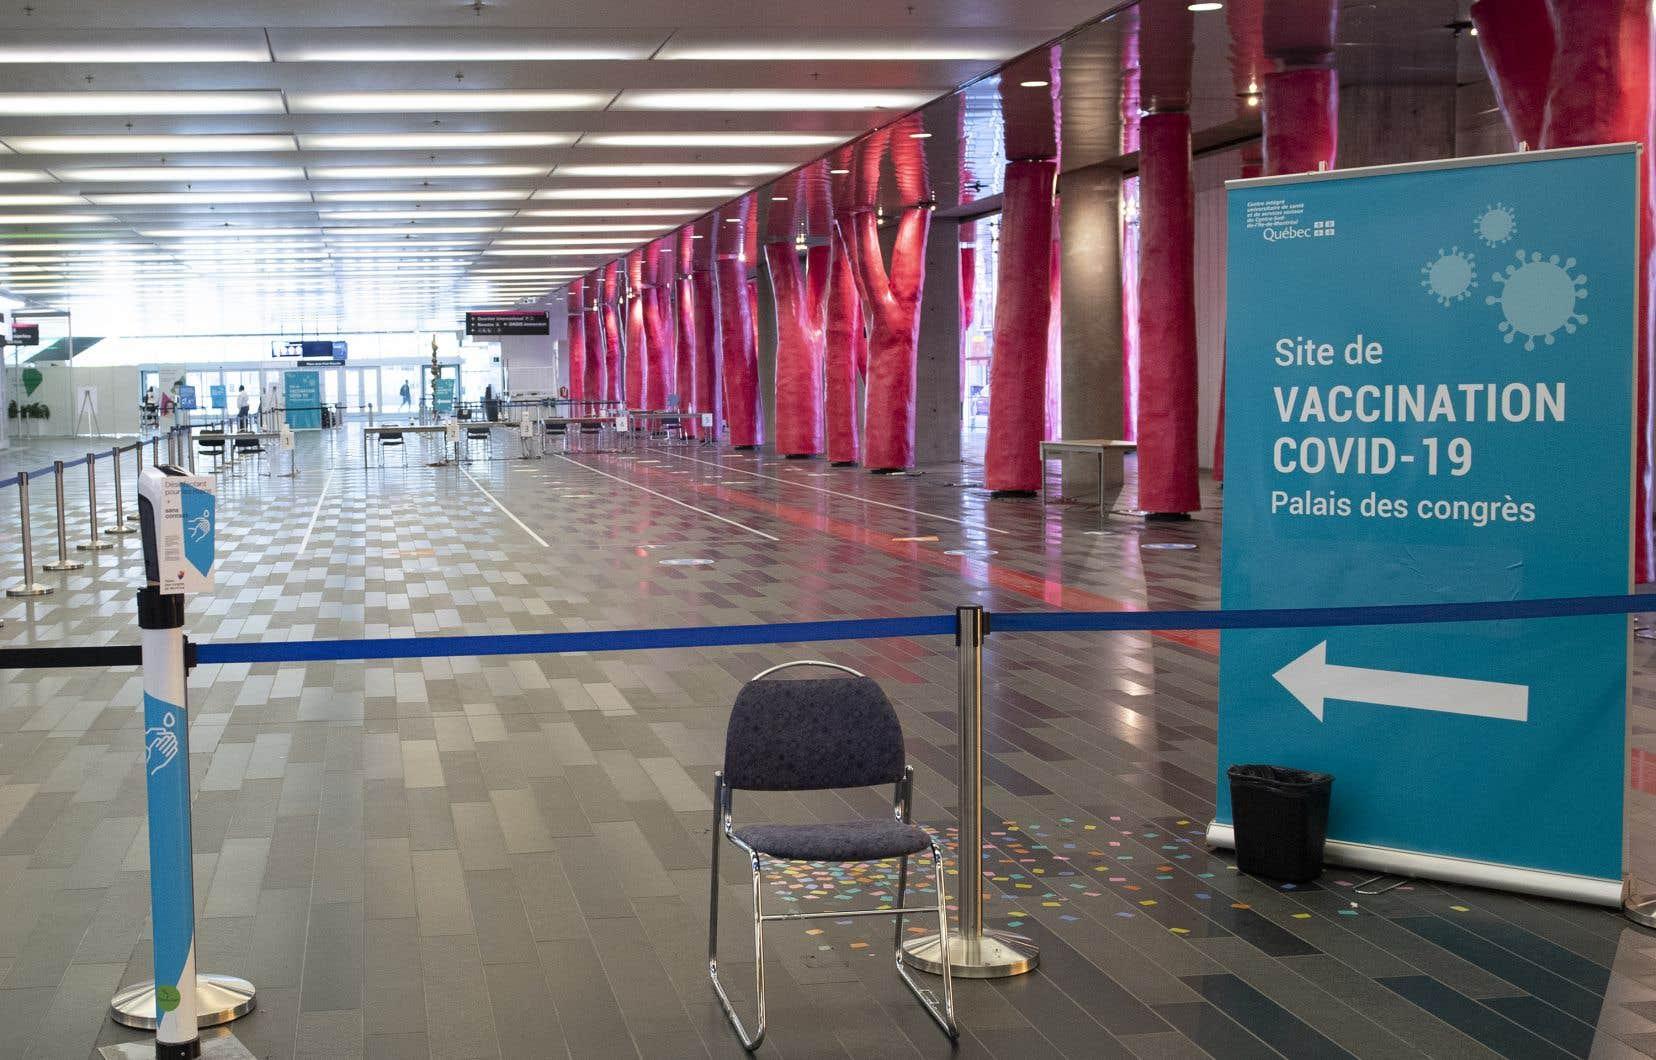 Chaque jour, quelques centaines de places sans rendez-vous seront disponibles au Palais des congrès pour recevoir une première dose de vaccin.